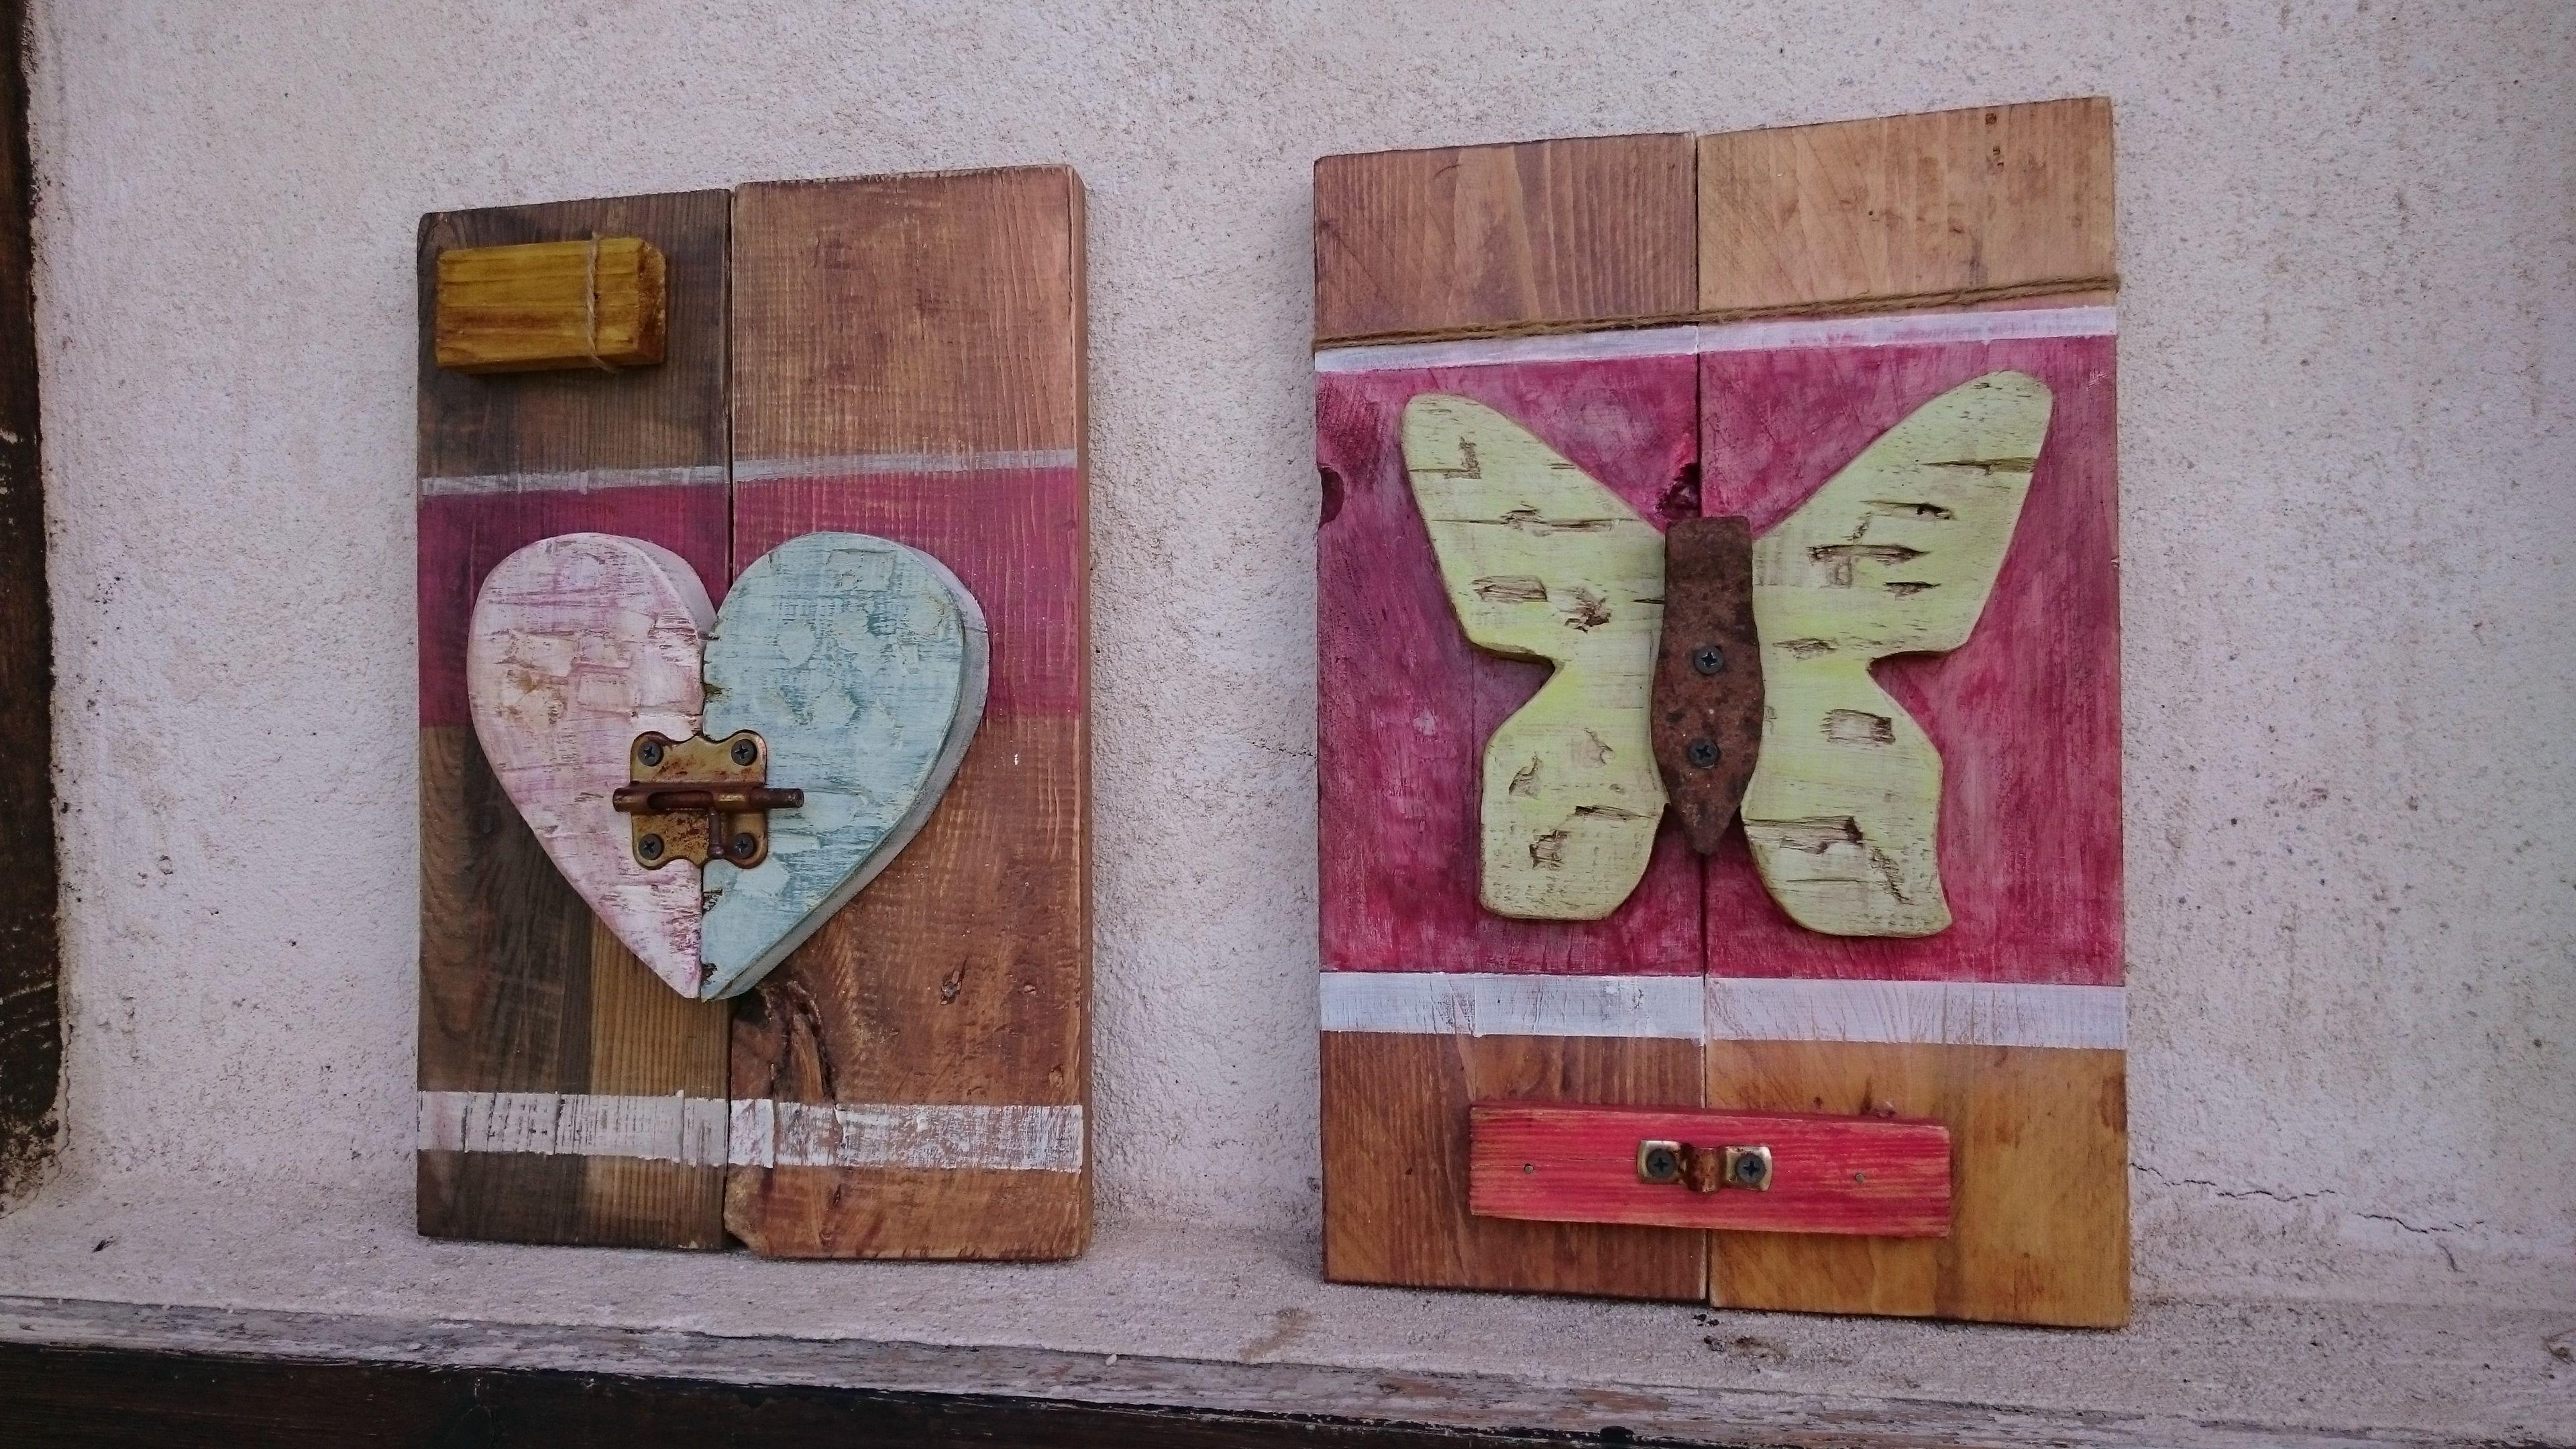 Cuadros hechos de palets y realizados en relieve con motivos antiguos mis creaciones - Cuadros hechos con palets ...